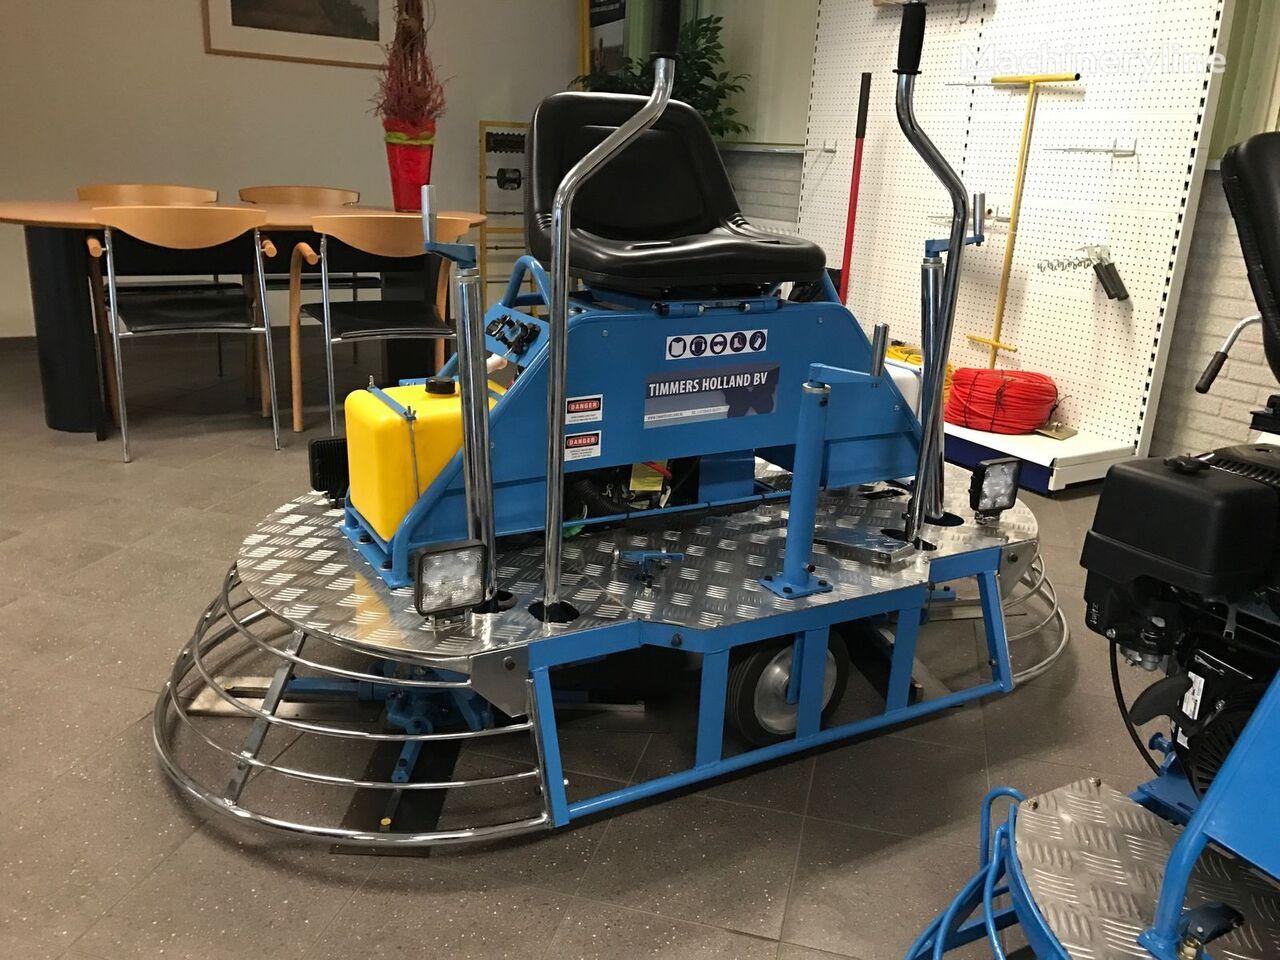 καινούρια μηχανή λείανσης δαπέδου BARTELL Timmers Holland TM 78